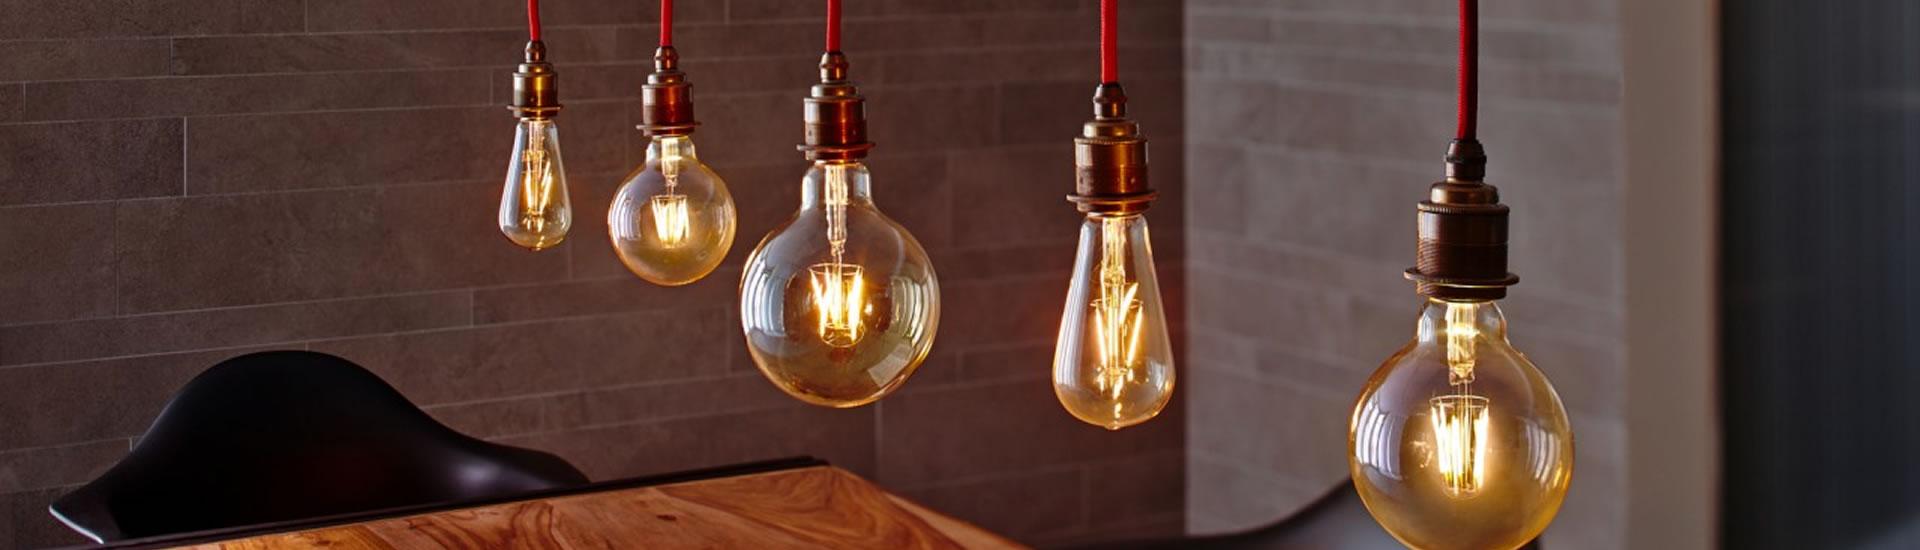 L 39 Ampoule Filament Led Led Blog